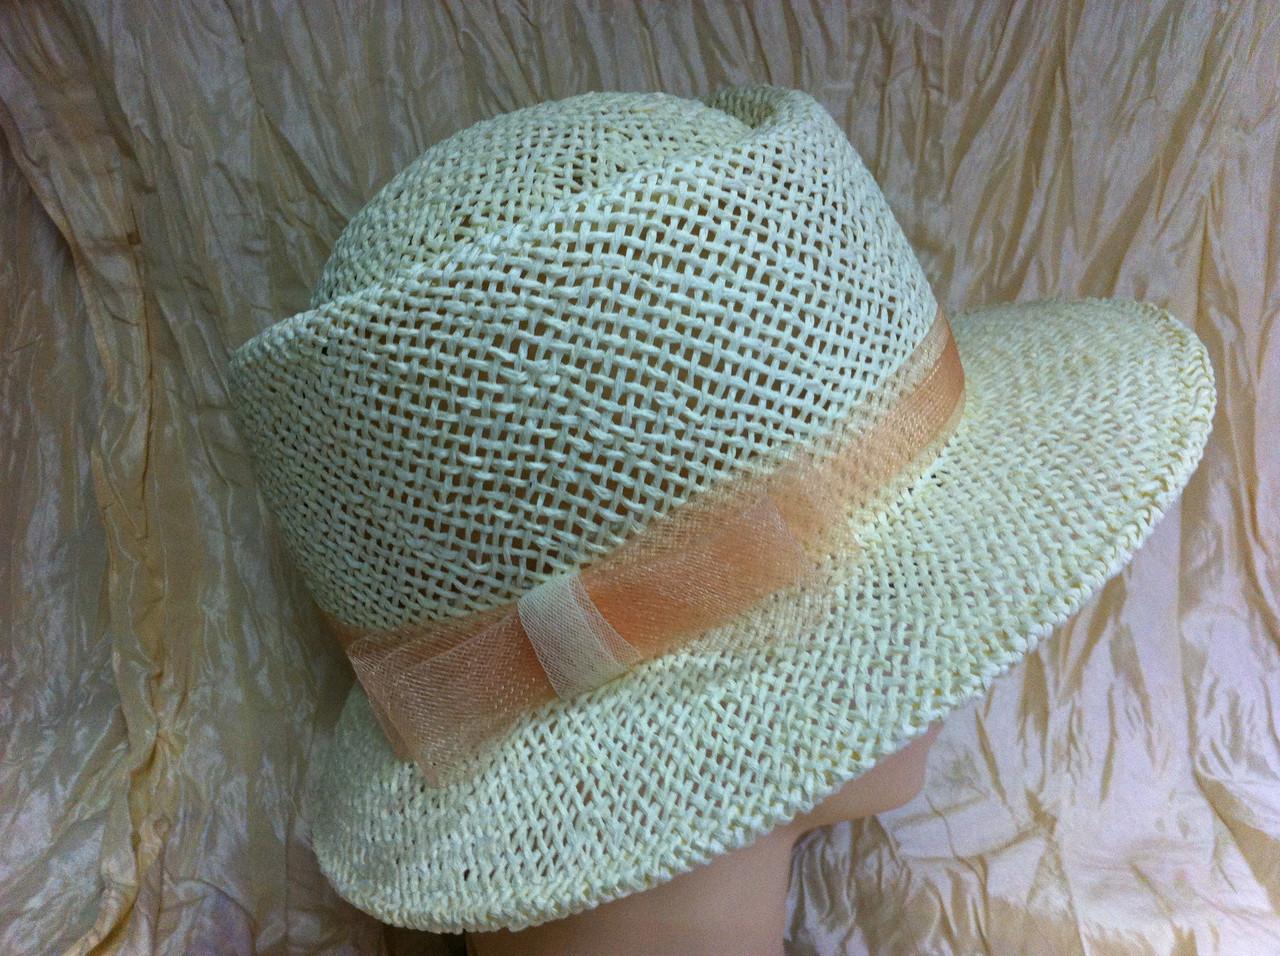 Шляпа  для лета средние поля  из рисовой соломки размер 55-57 см